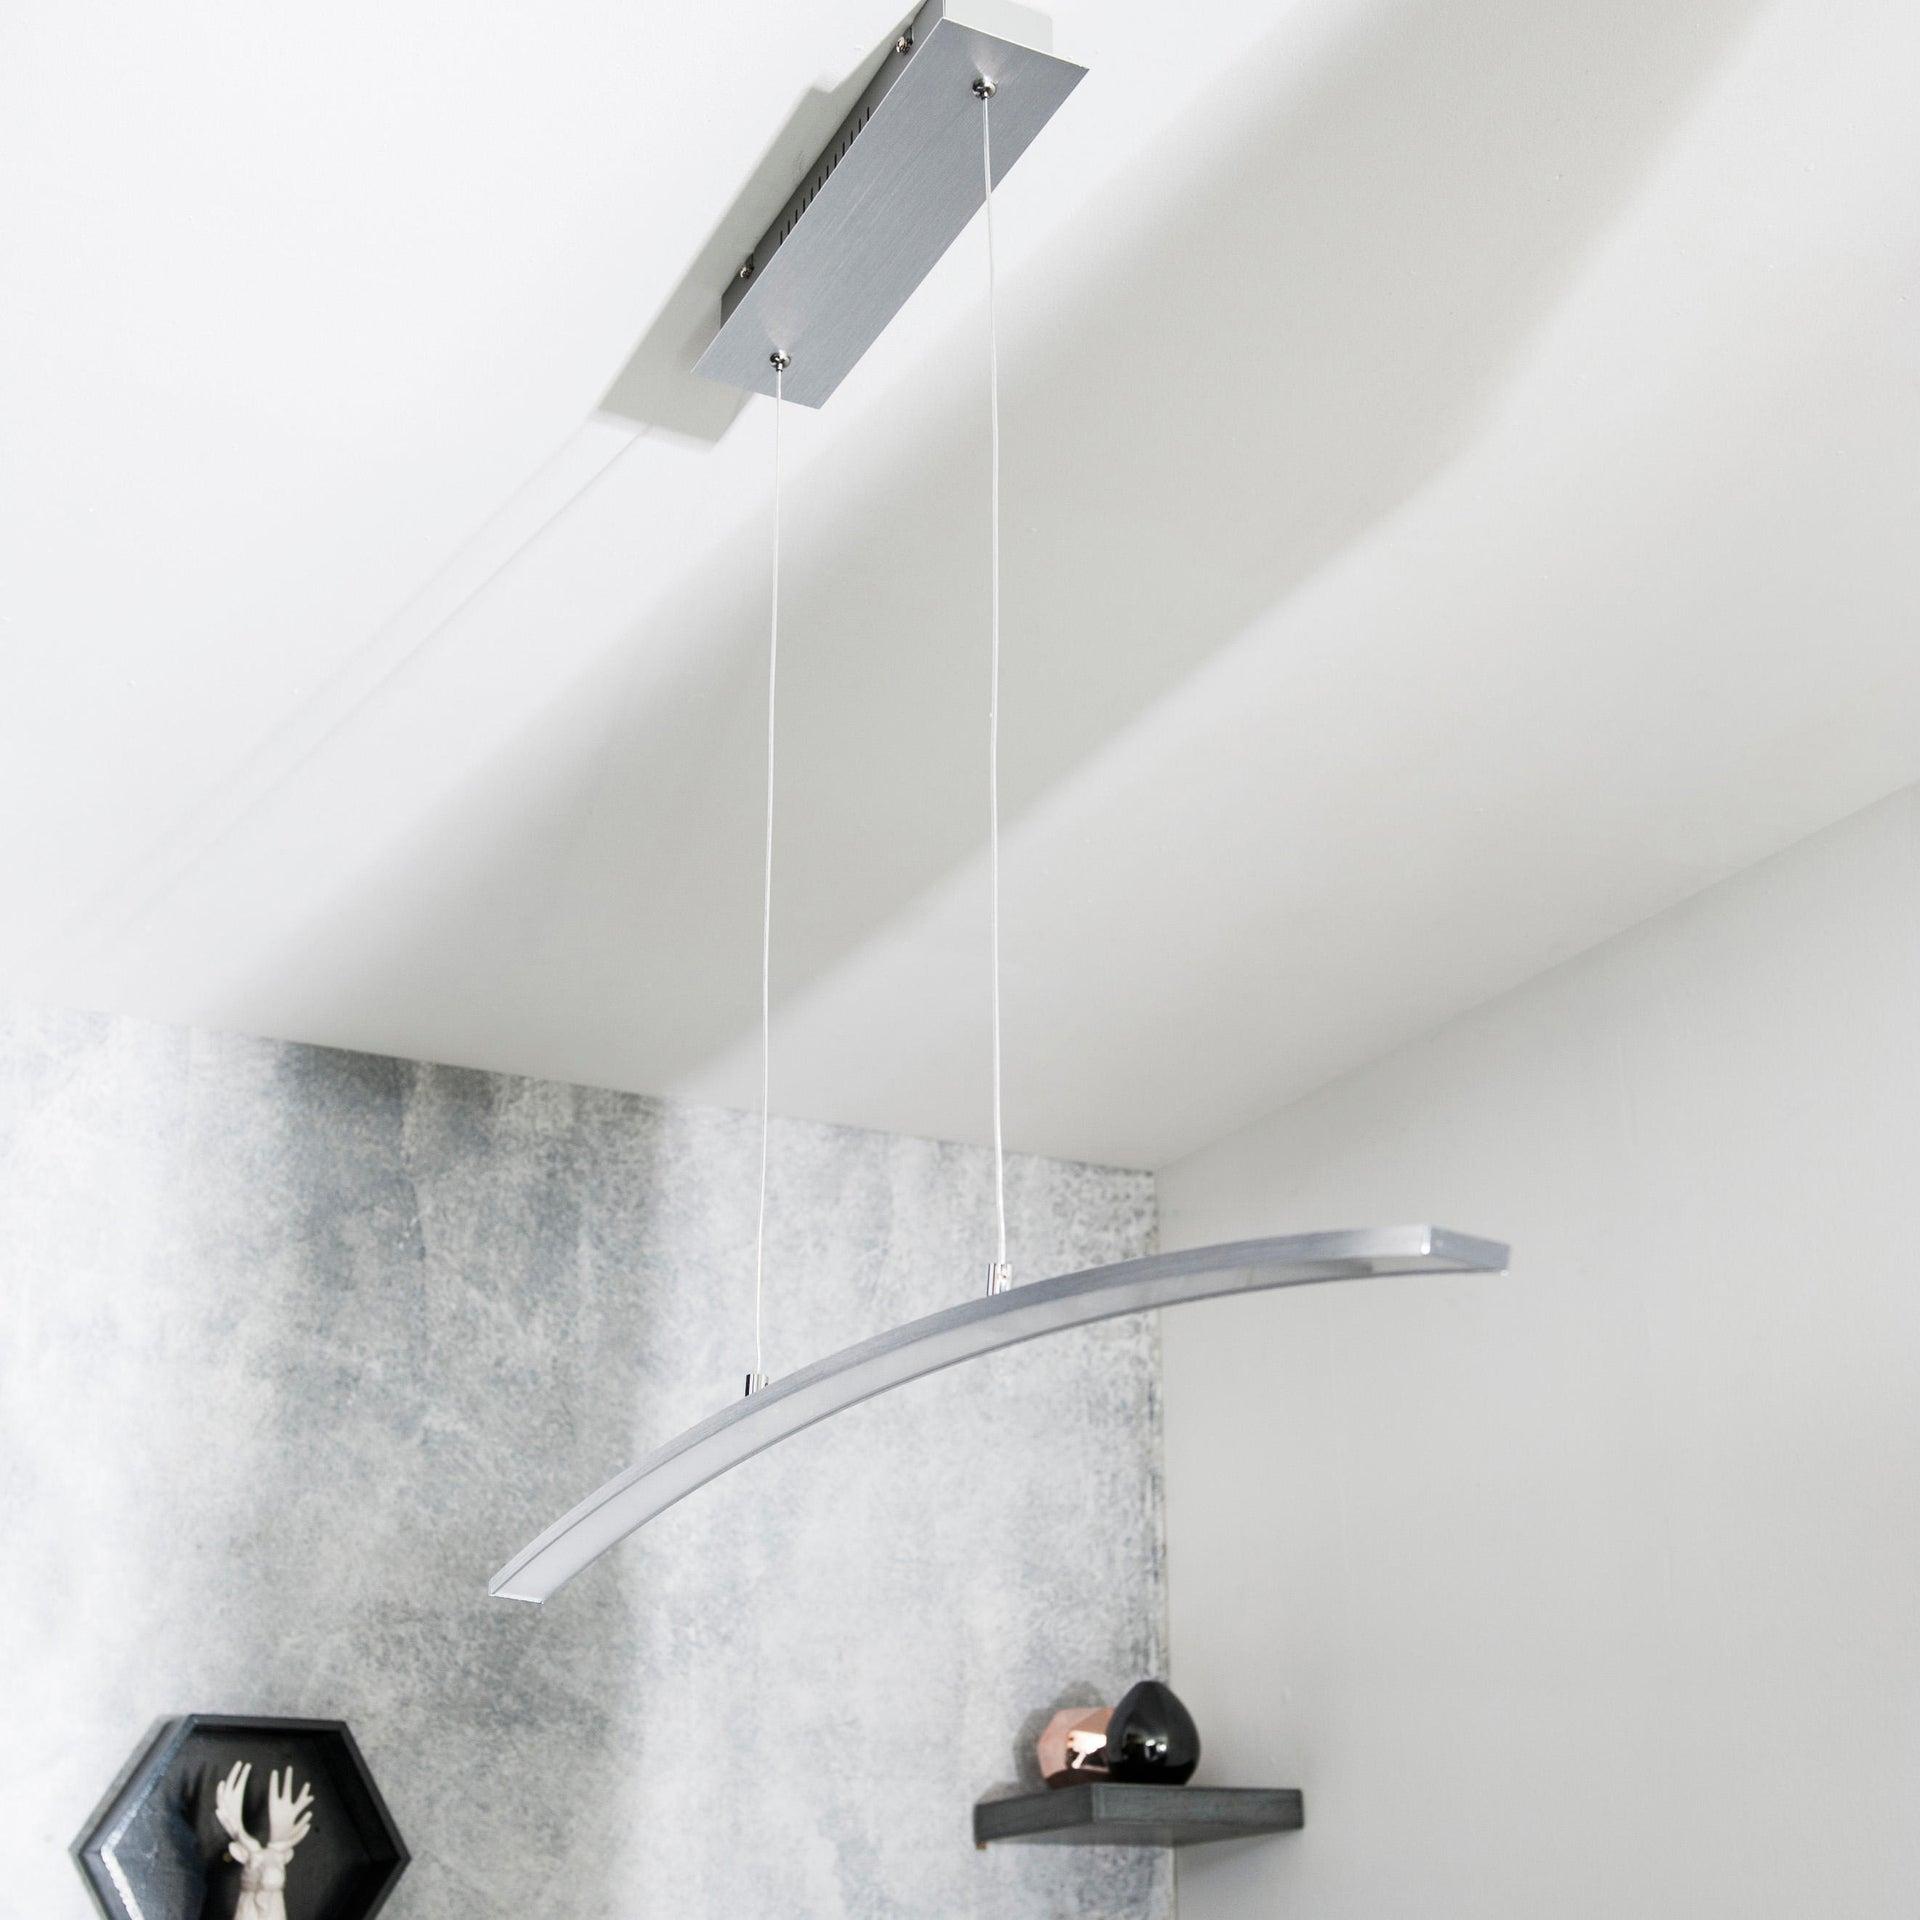 Lampadario Moderno Muda LED integrato cromo, in alluminio, L. 90.0 cm, INSPIRE - 3